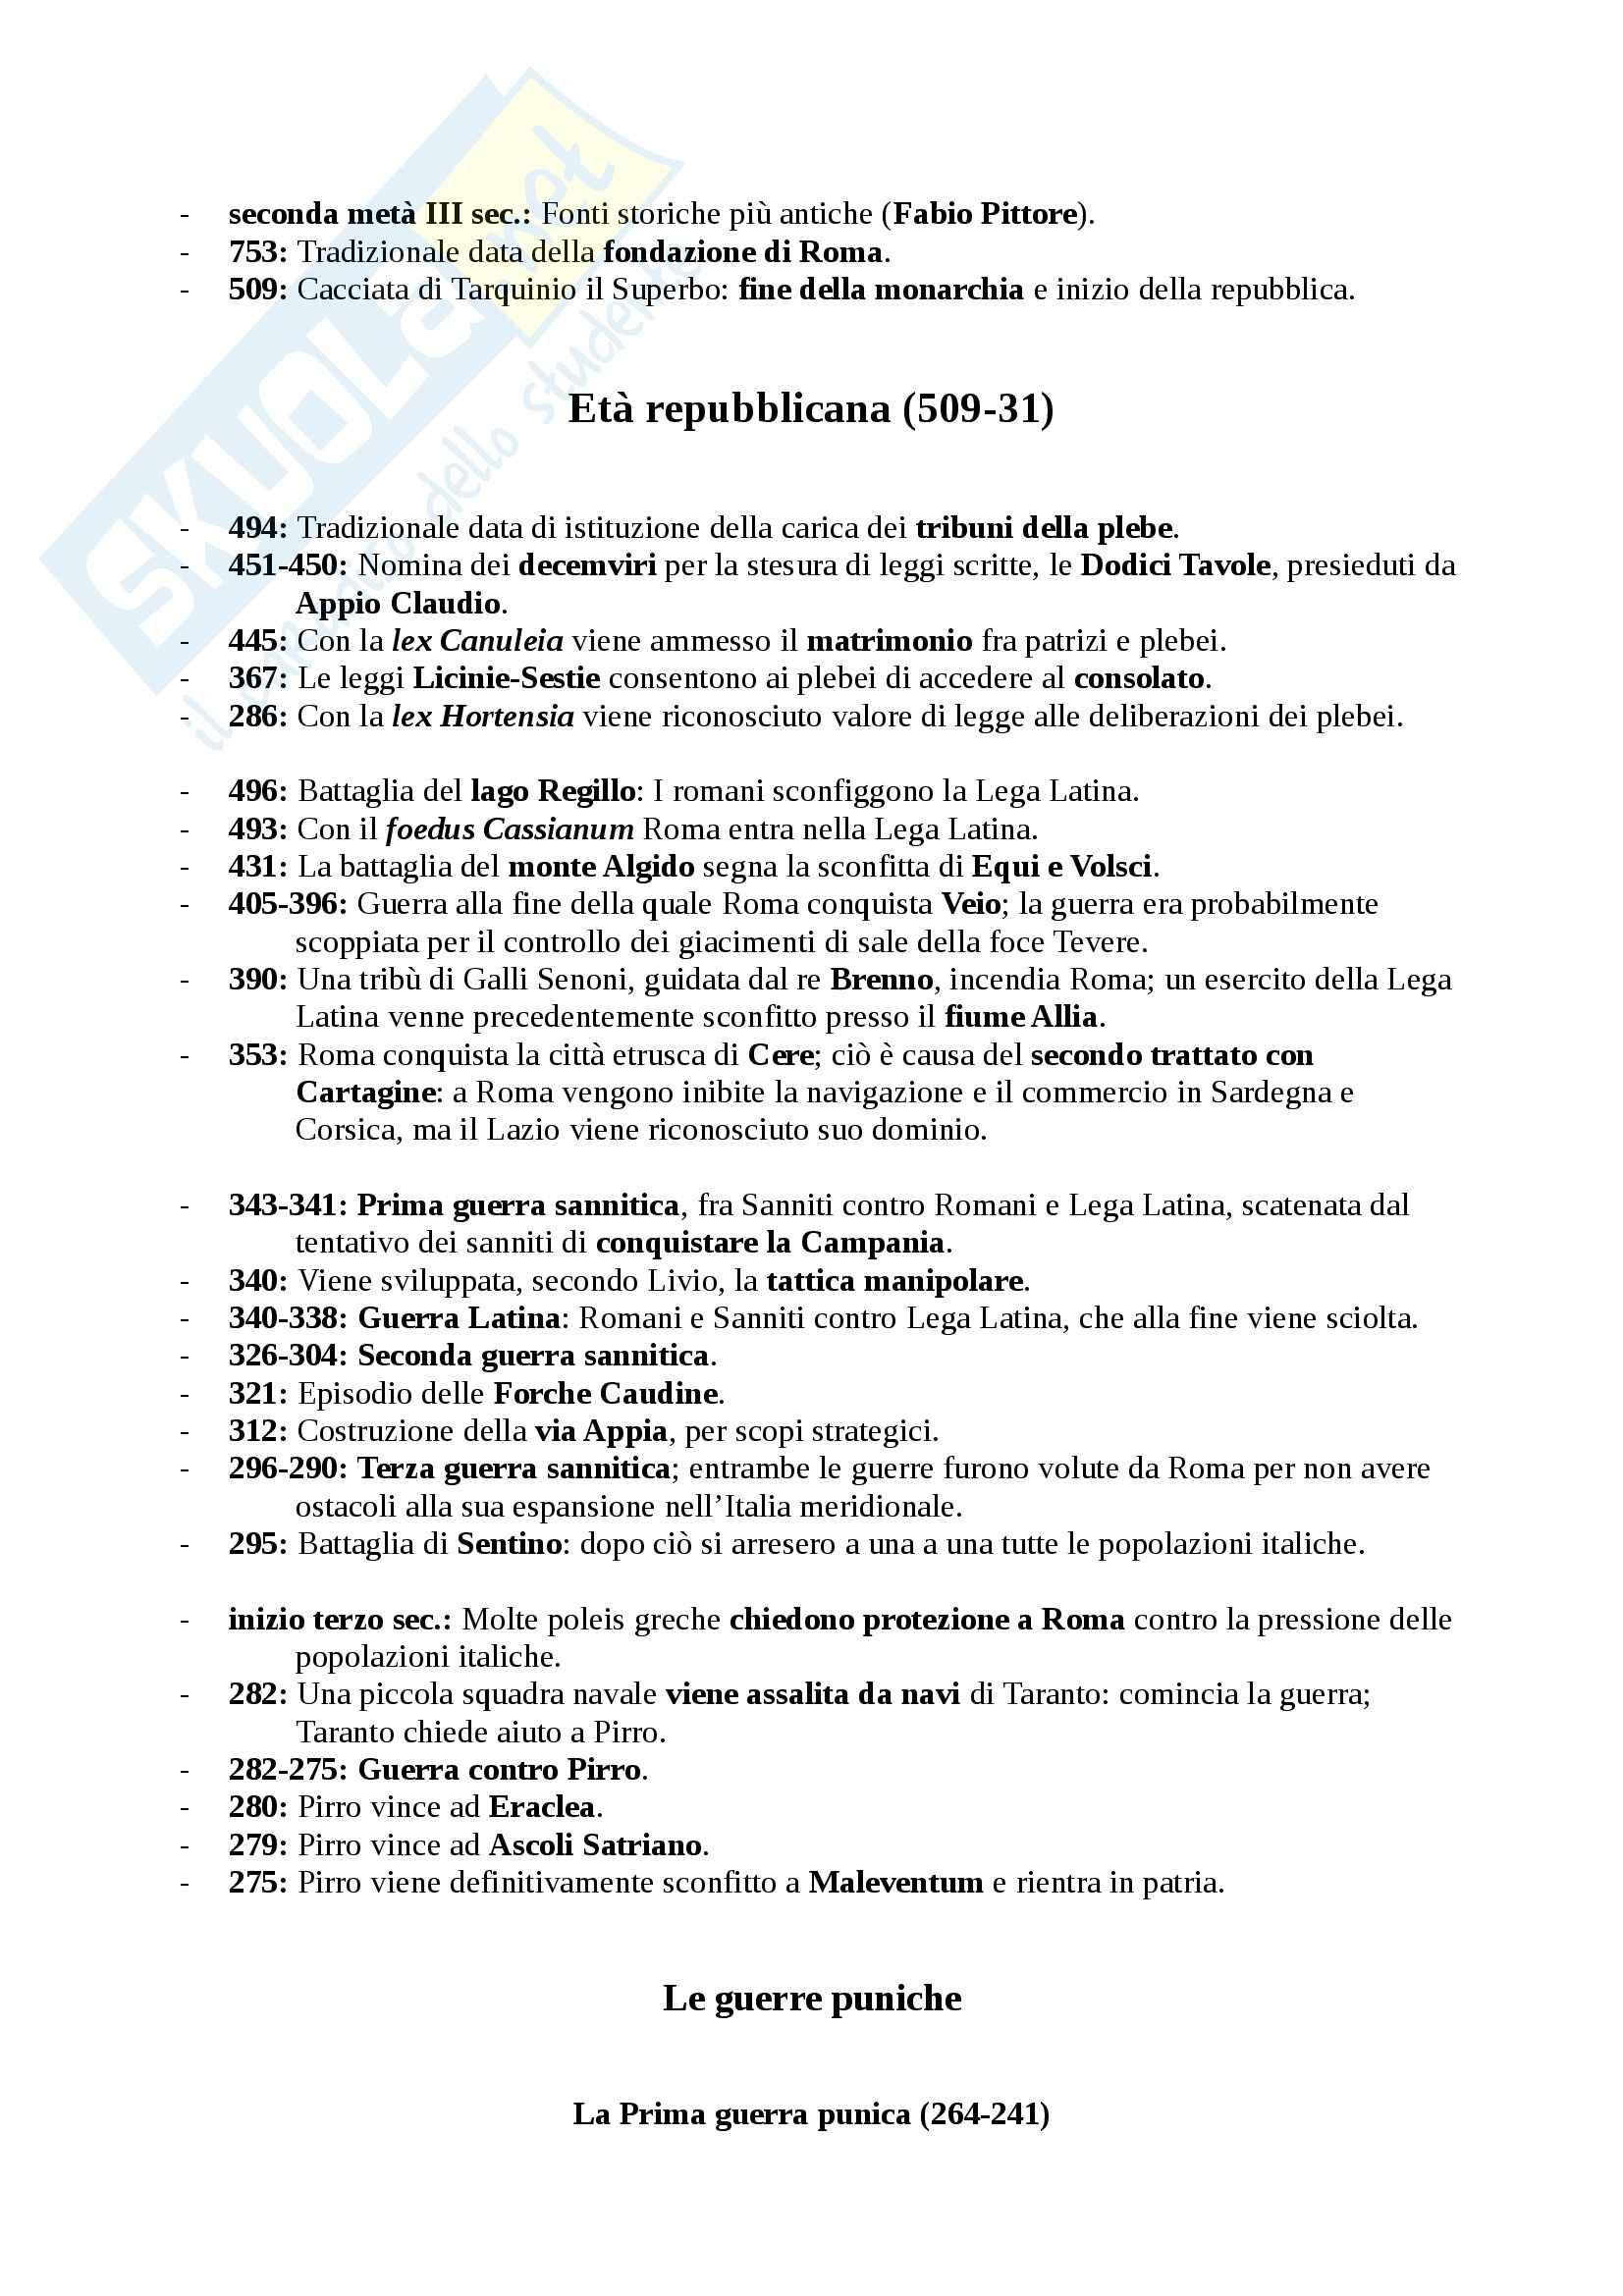 Storia romana - Cronologia (Età Repubblicana)